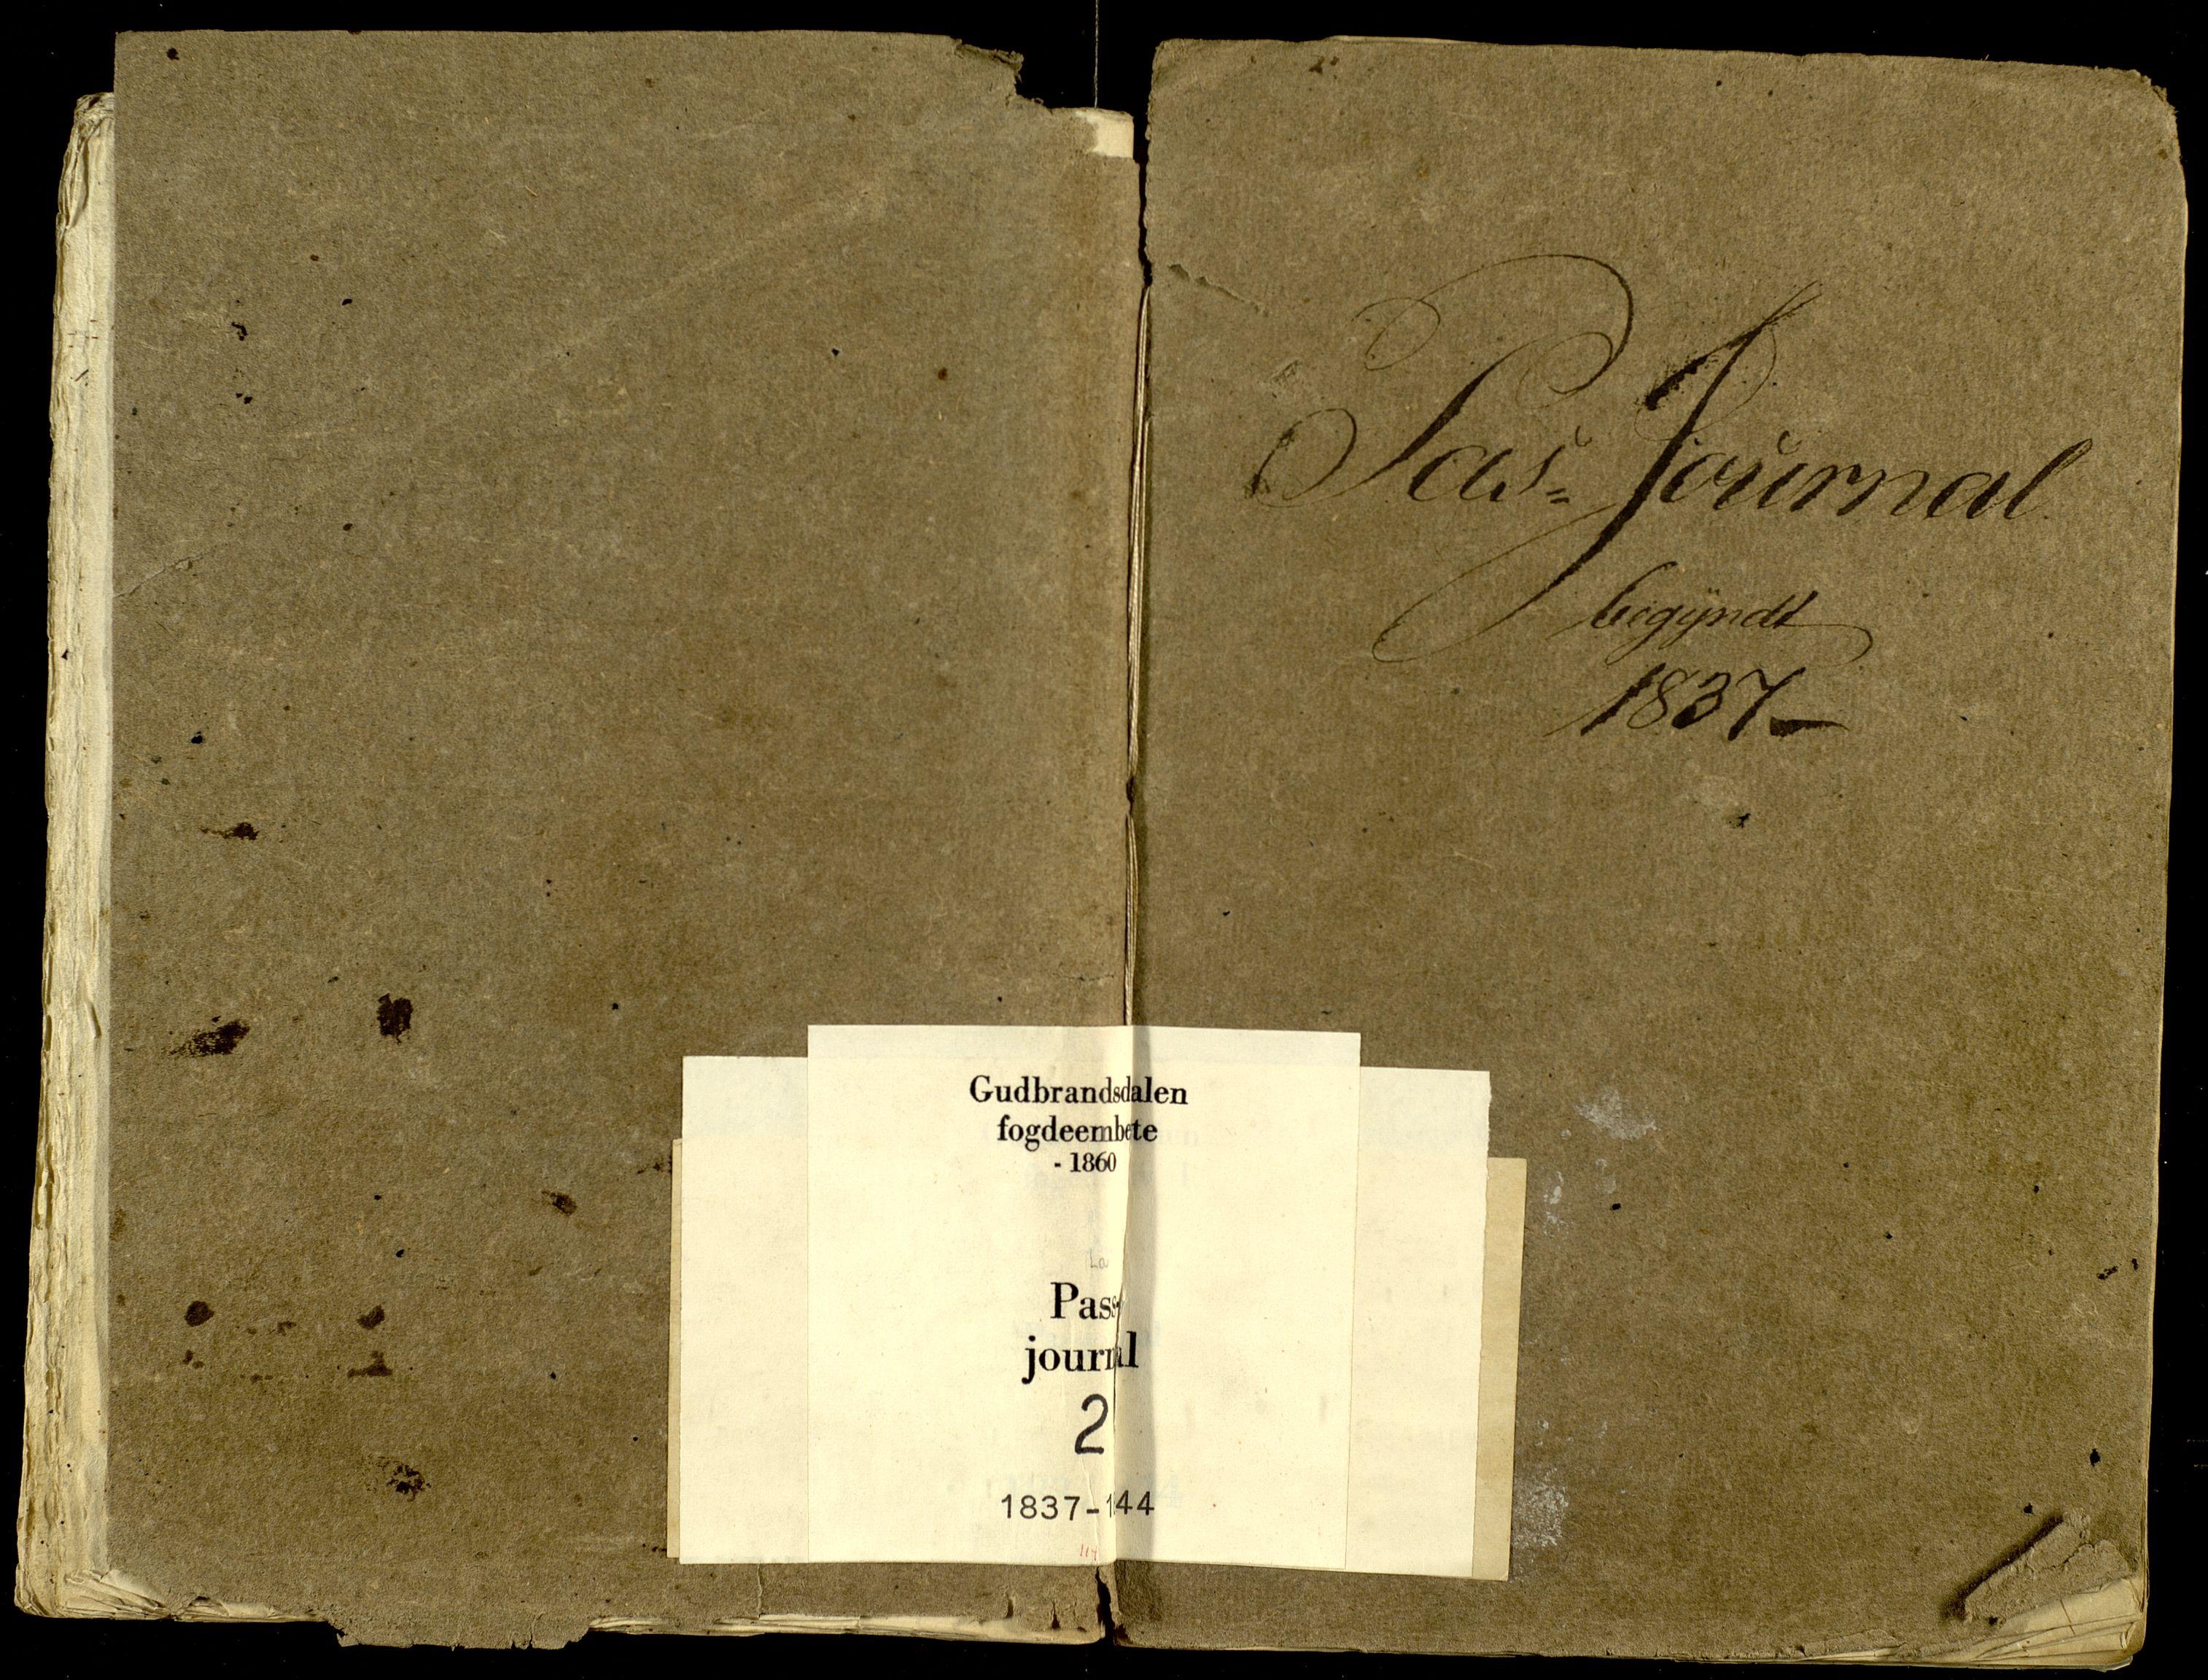 SAH, Gudbrandsdalen fogderi, L/La/L0002: Passjournal, 1837-1844